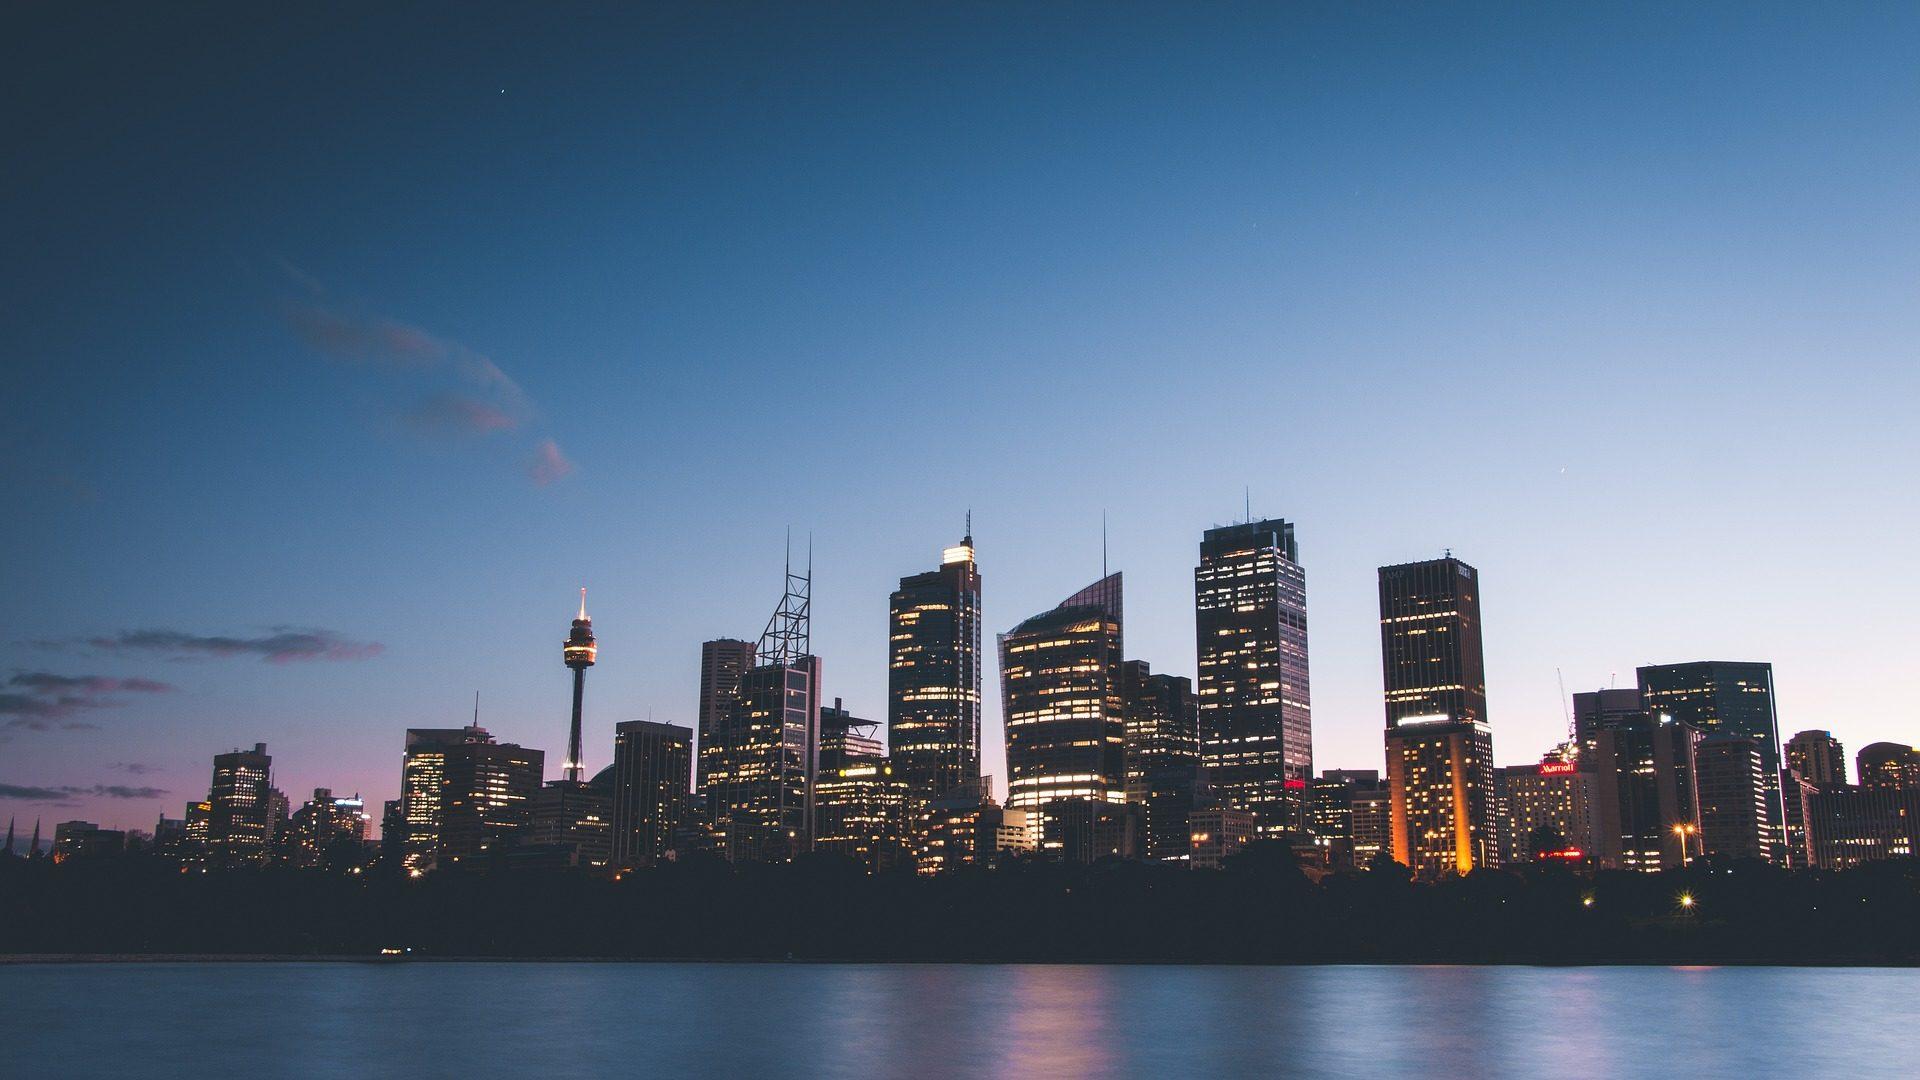 城市, 建筑, 摩天大楼, 天际线, 灯, 日落 - 高清壁纸 - 教授-falken.com